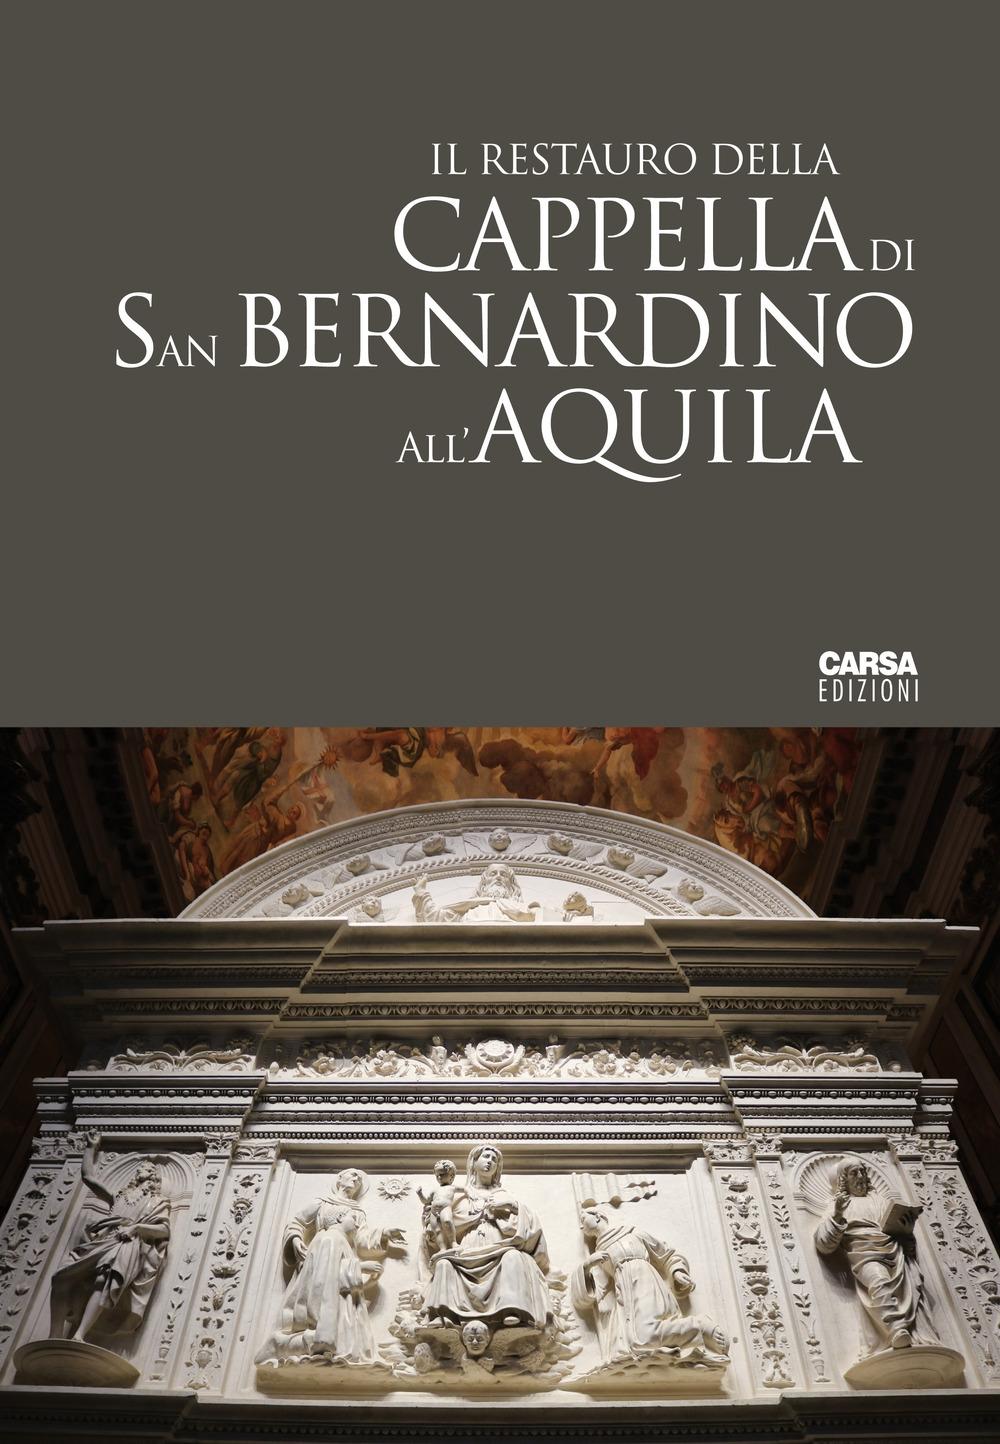 Il Restauro della Cappella di San Bernardino all'Aquila